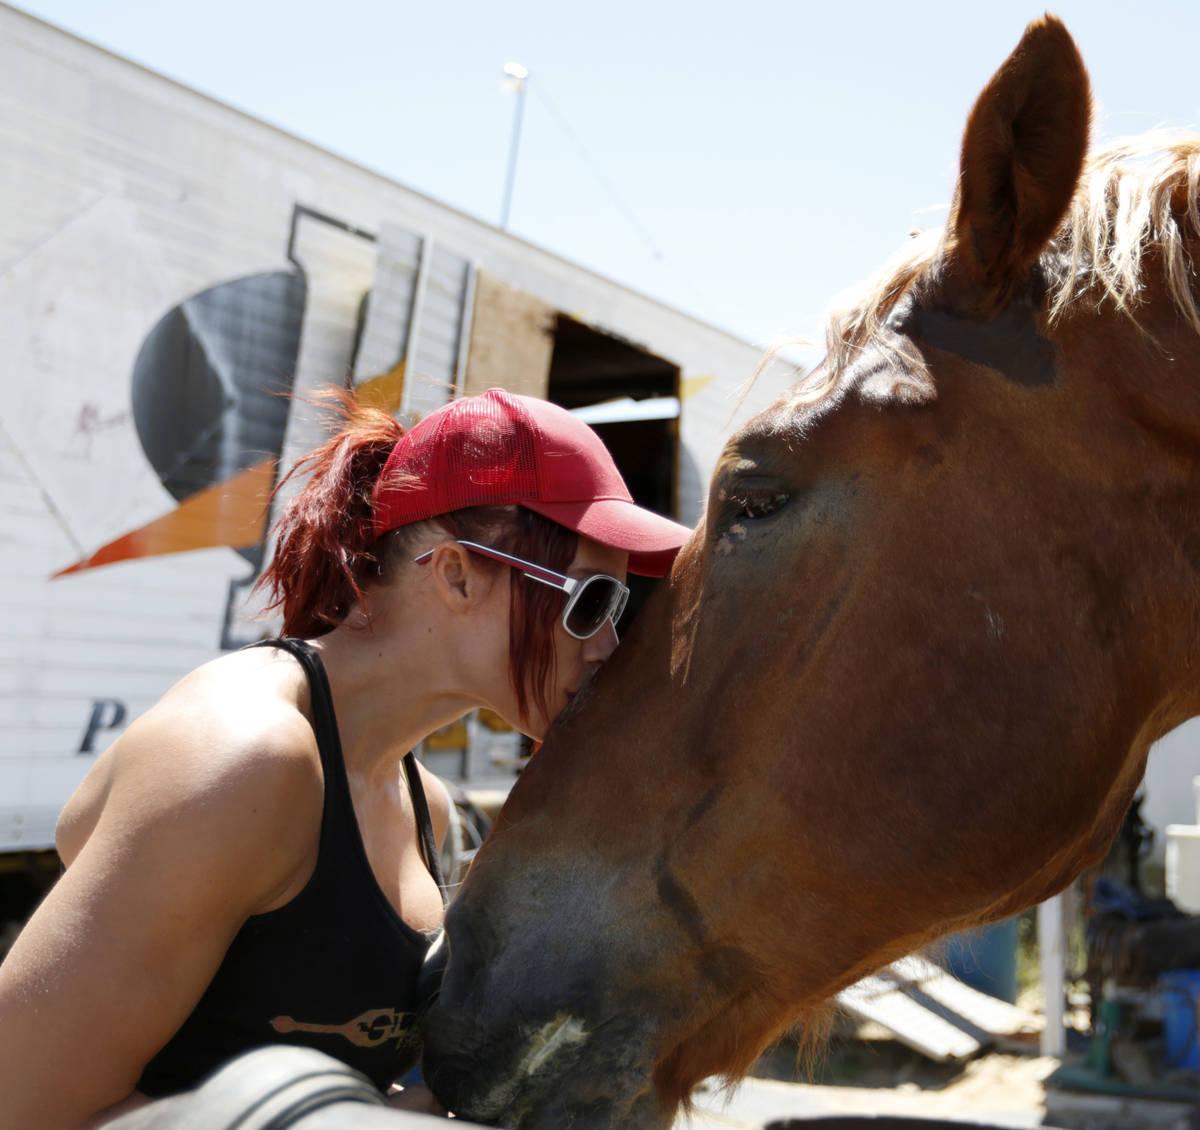 La artista de Gladius The Show, Lisa Varmbo Martonovich, besa a Thunder, un caballo, durante un ...